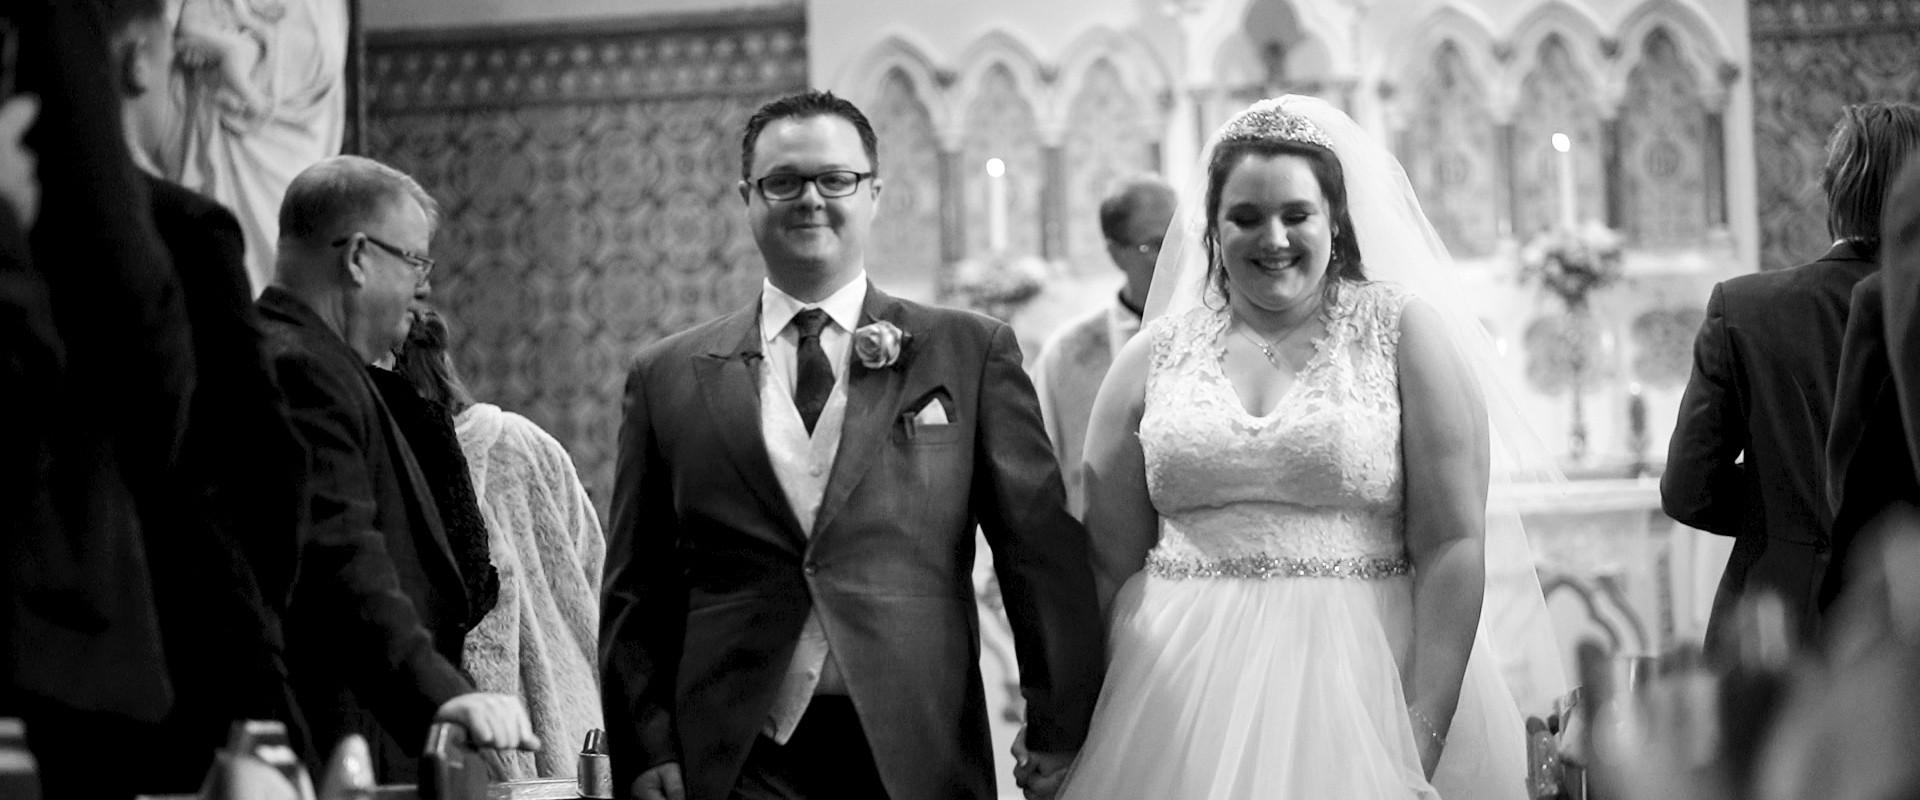 Wedding-ShortFilm-BW.00_04_11_09.Still03